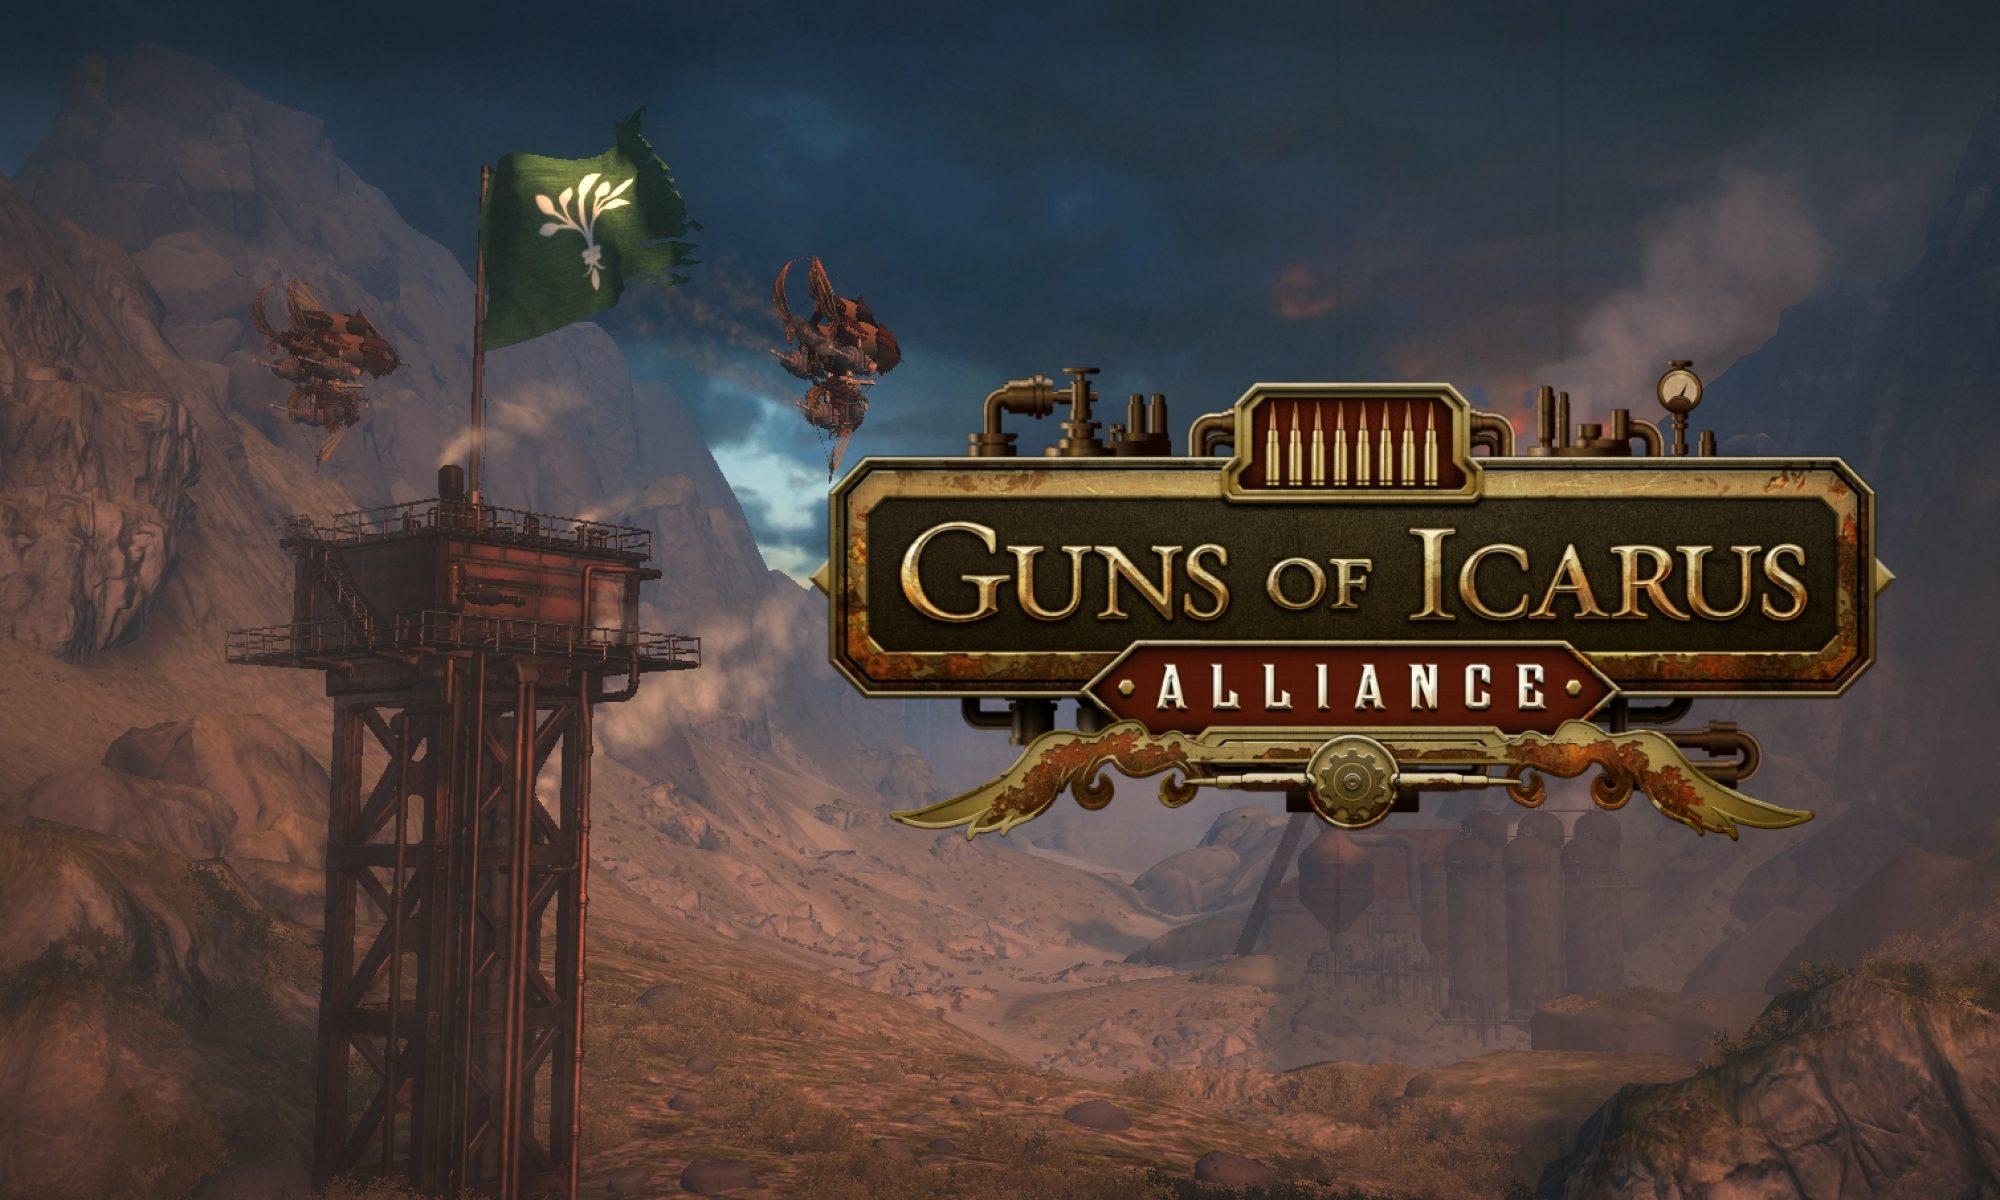 Guns of Icarus JP